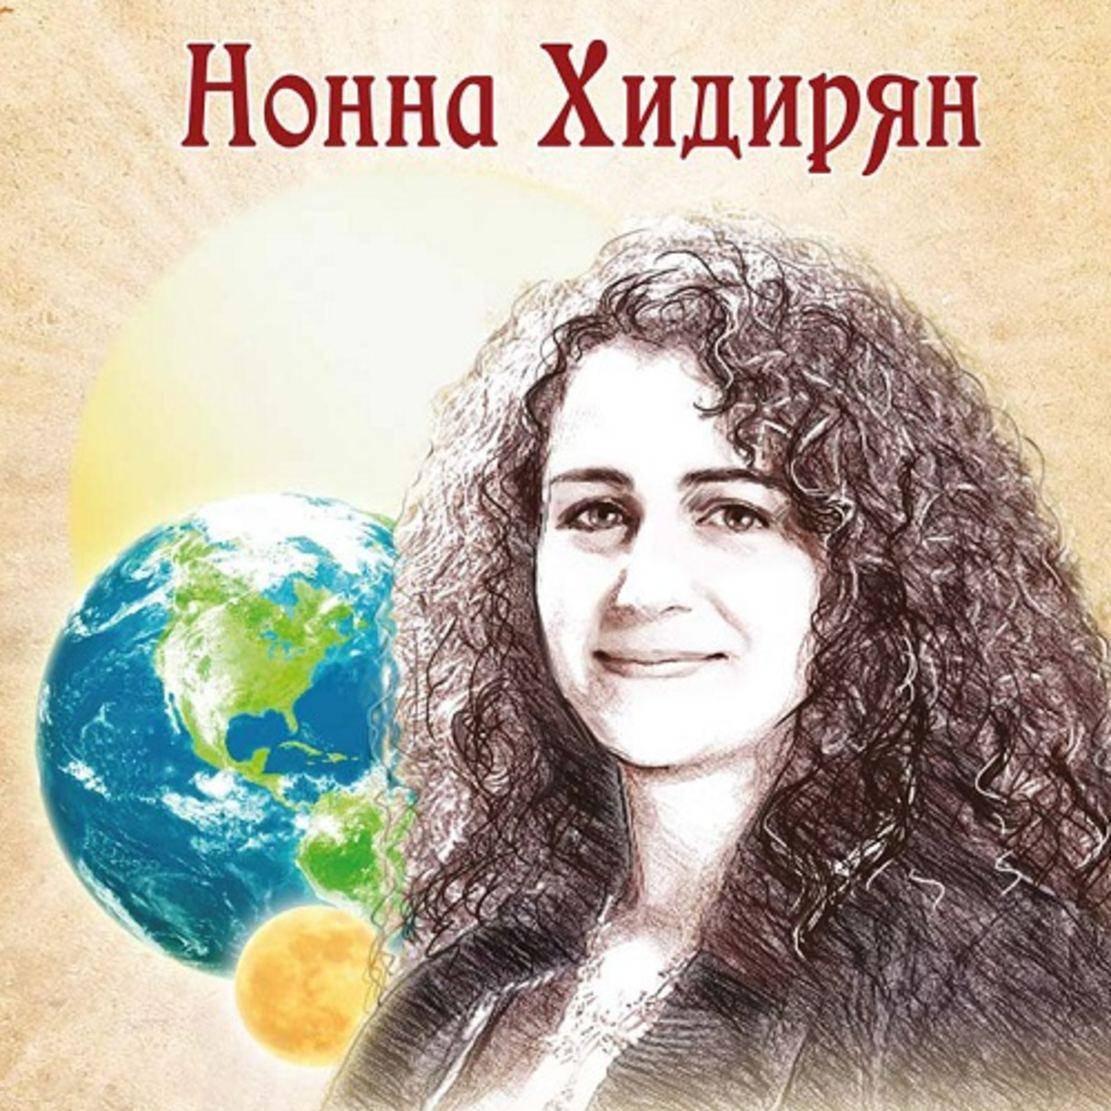 Седа варданян участница 5-й «битвы экстрасенсов», армянская ясновидящая и яснослышашая